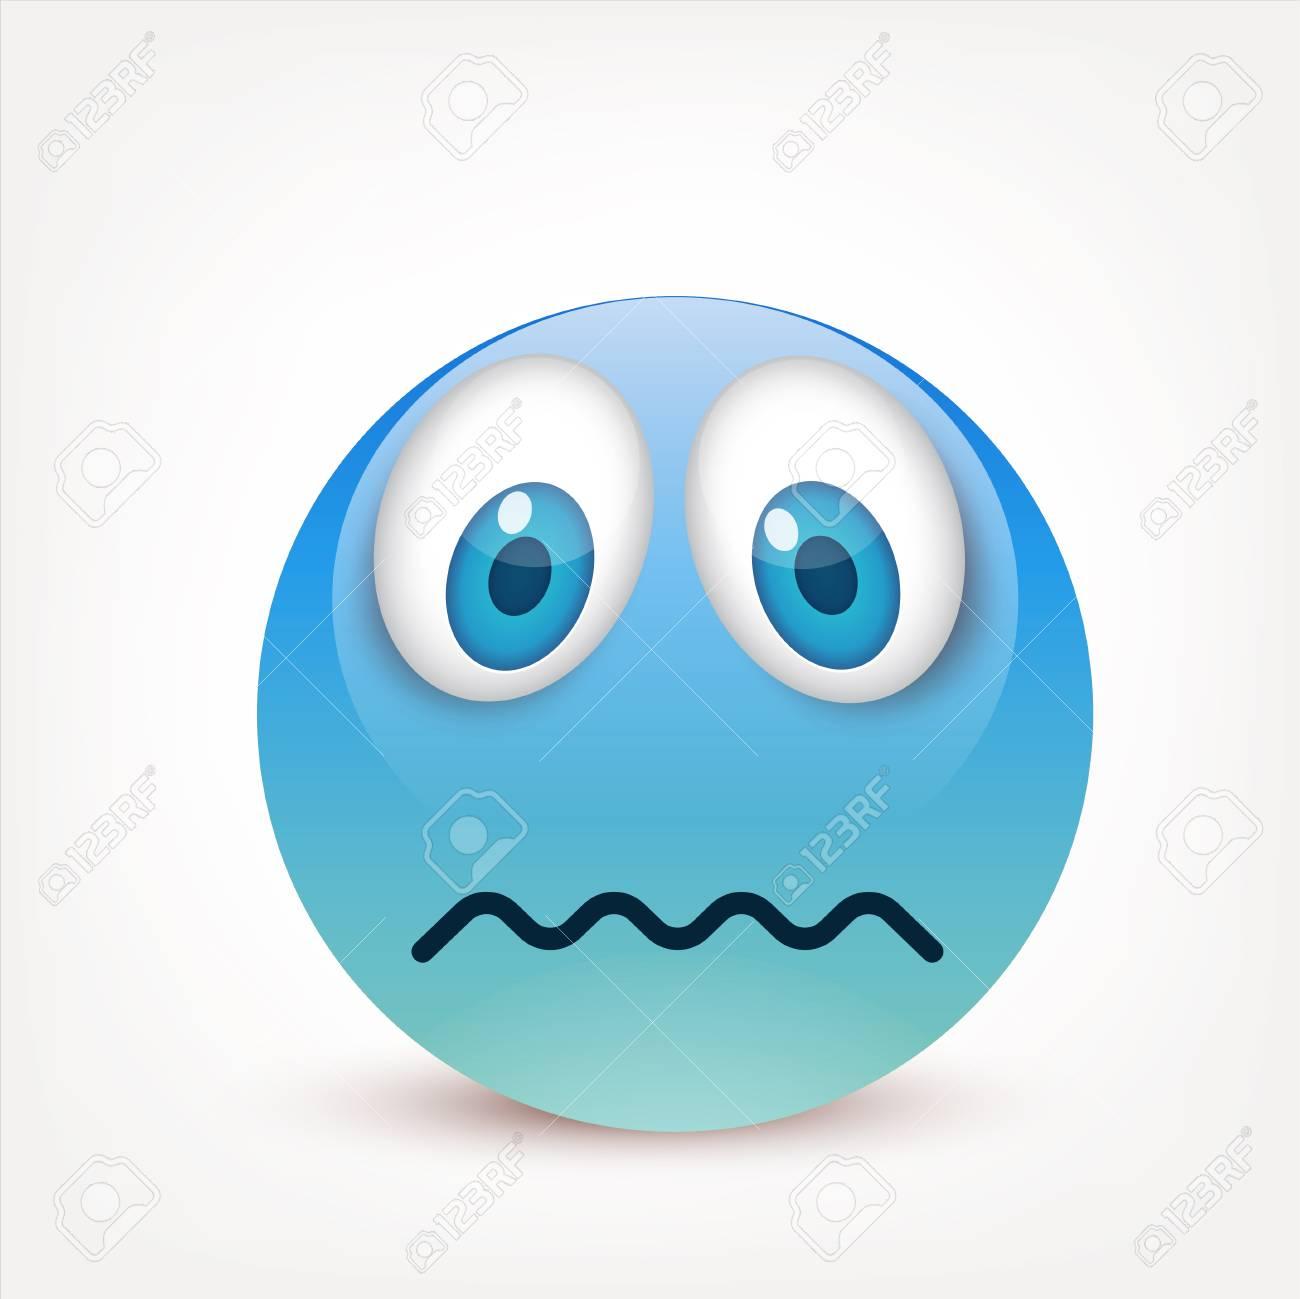 Smiley Con Ojos Azules Emoticon Cara Azul Con Emociones Expresión